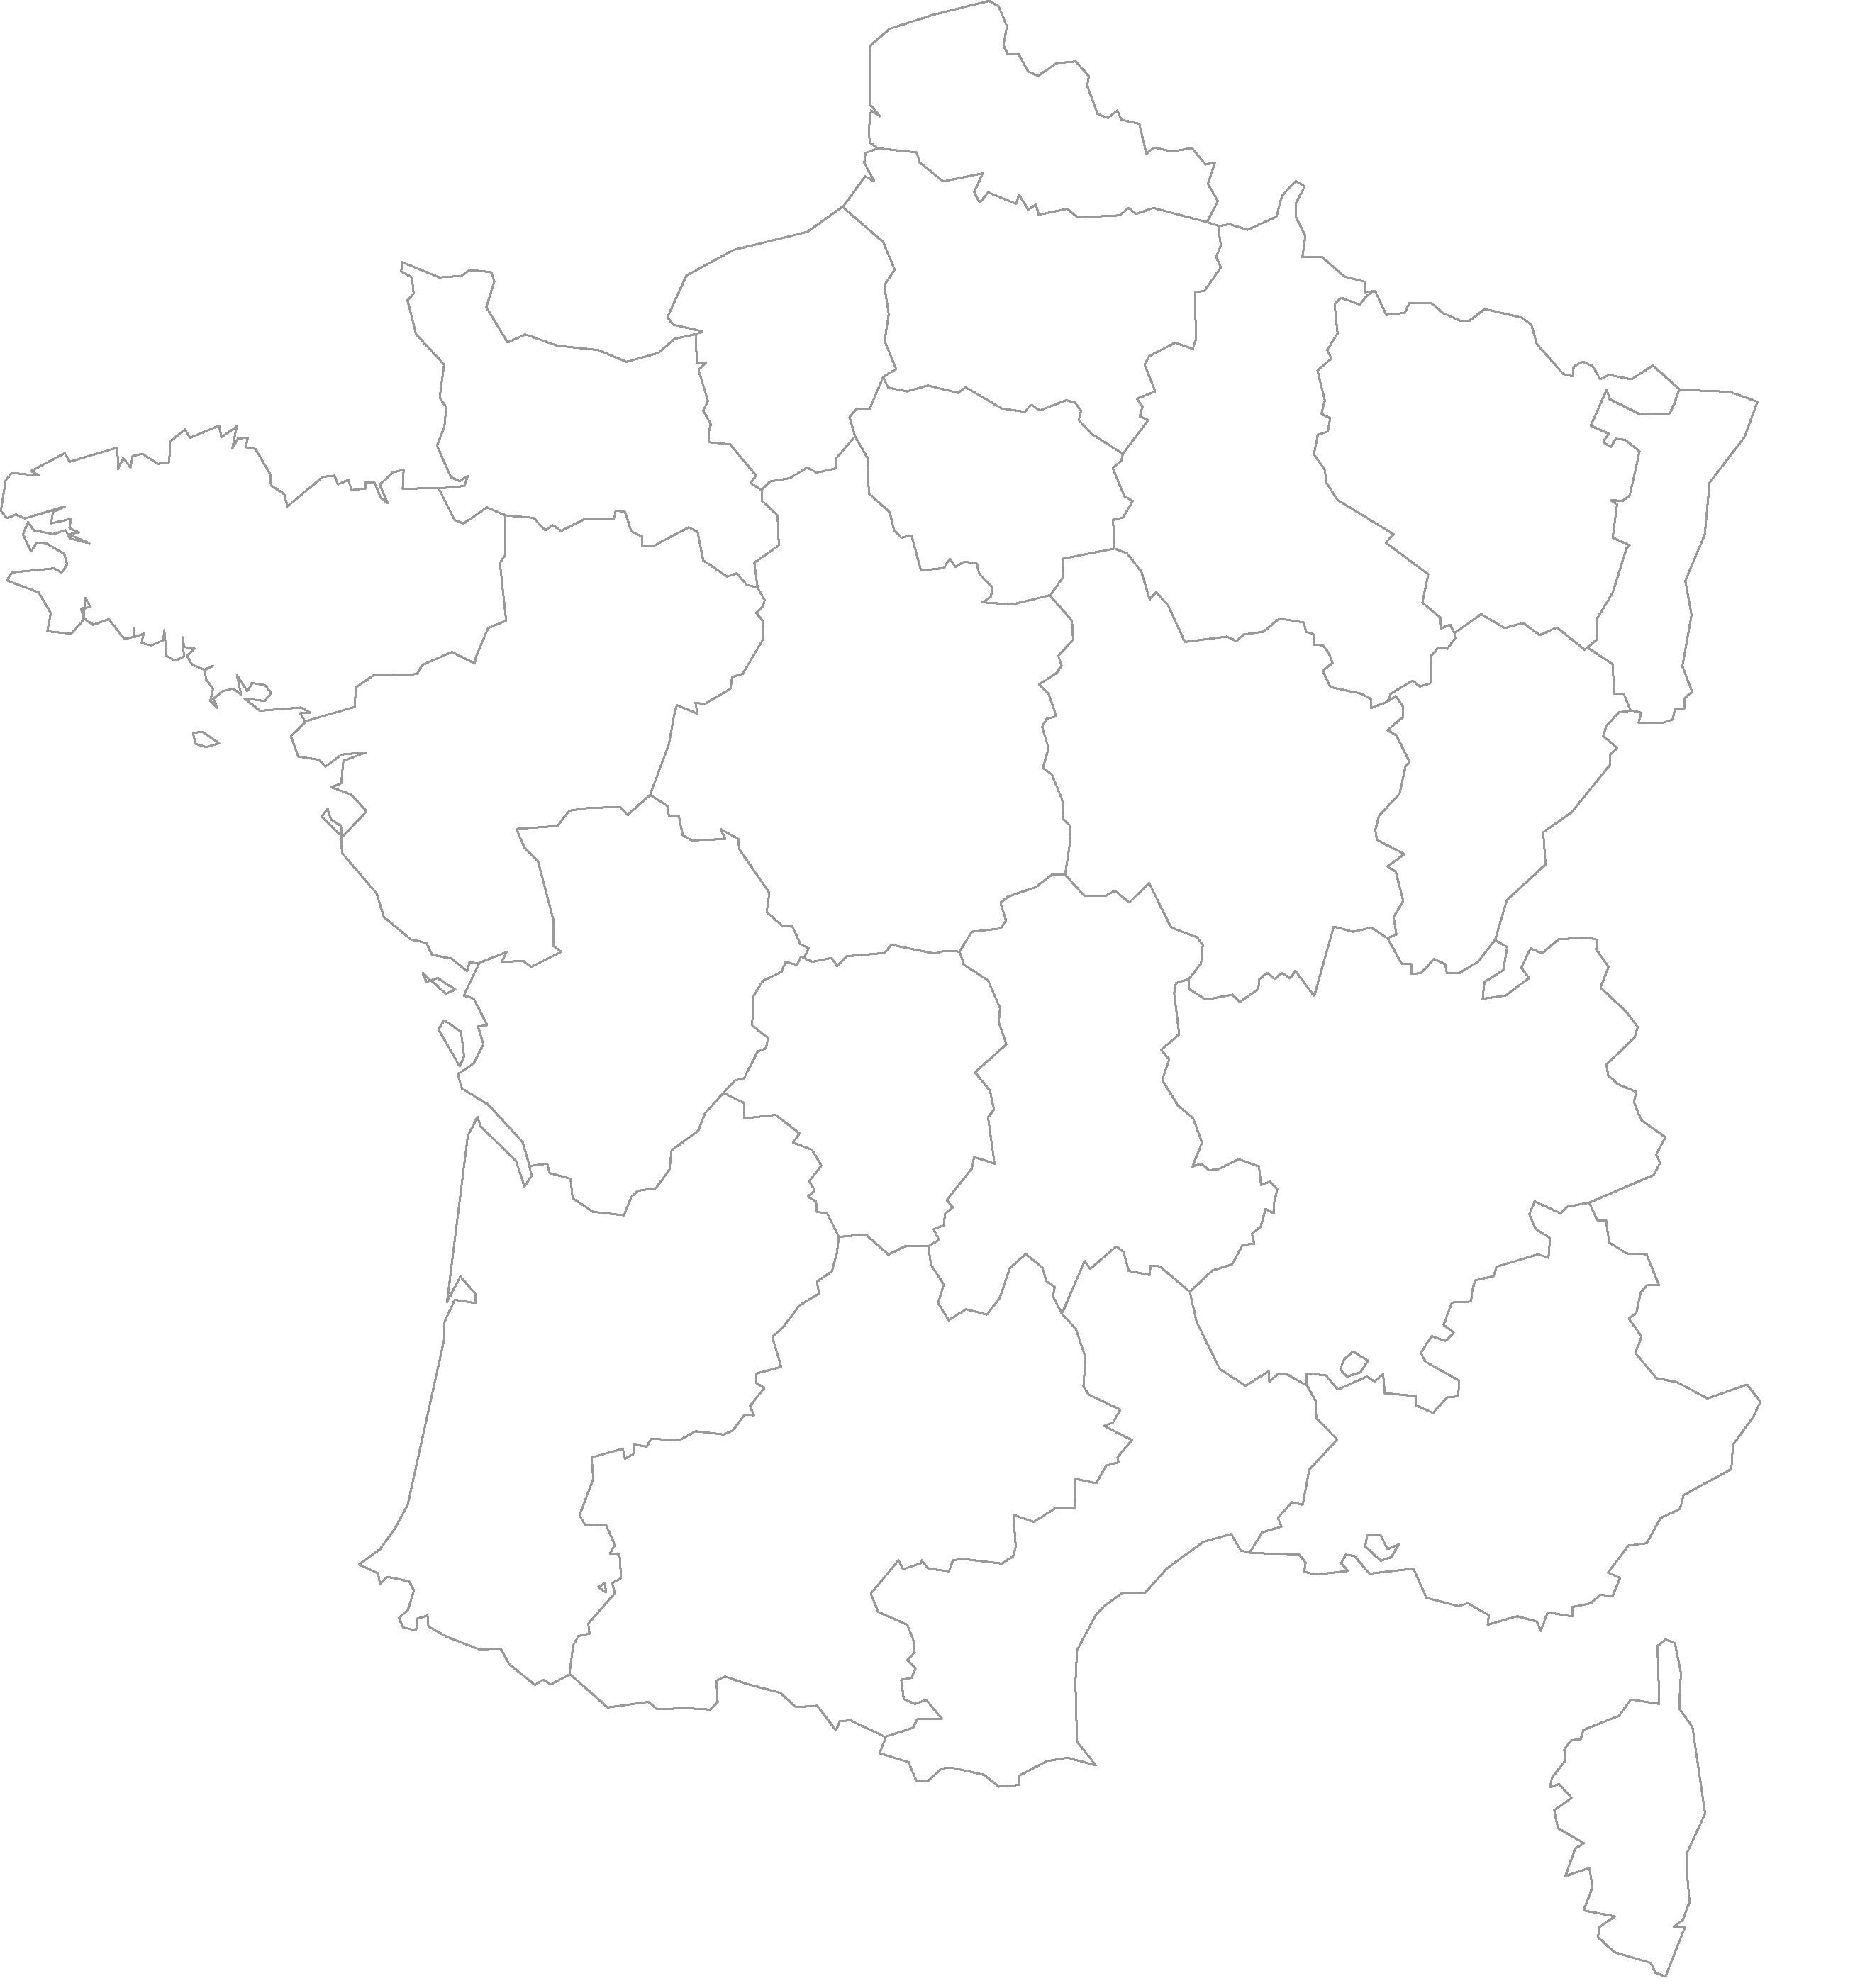 Cartes Muettes De La France À Imprimer - Chroniques intérieur Imprimer Une Carte De France